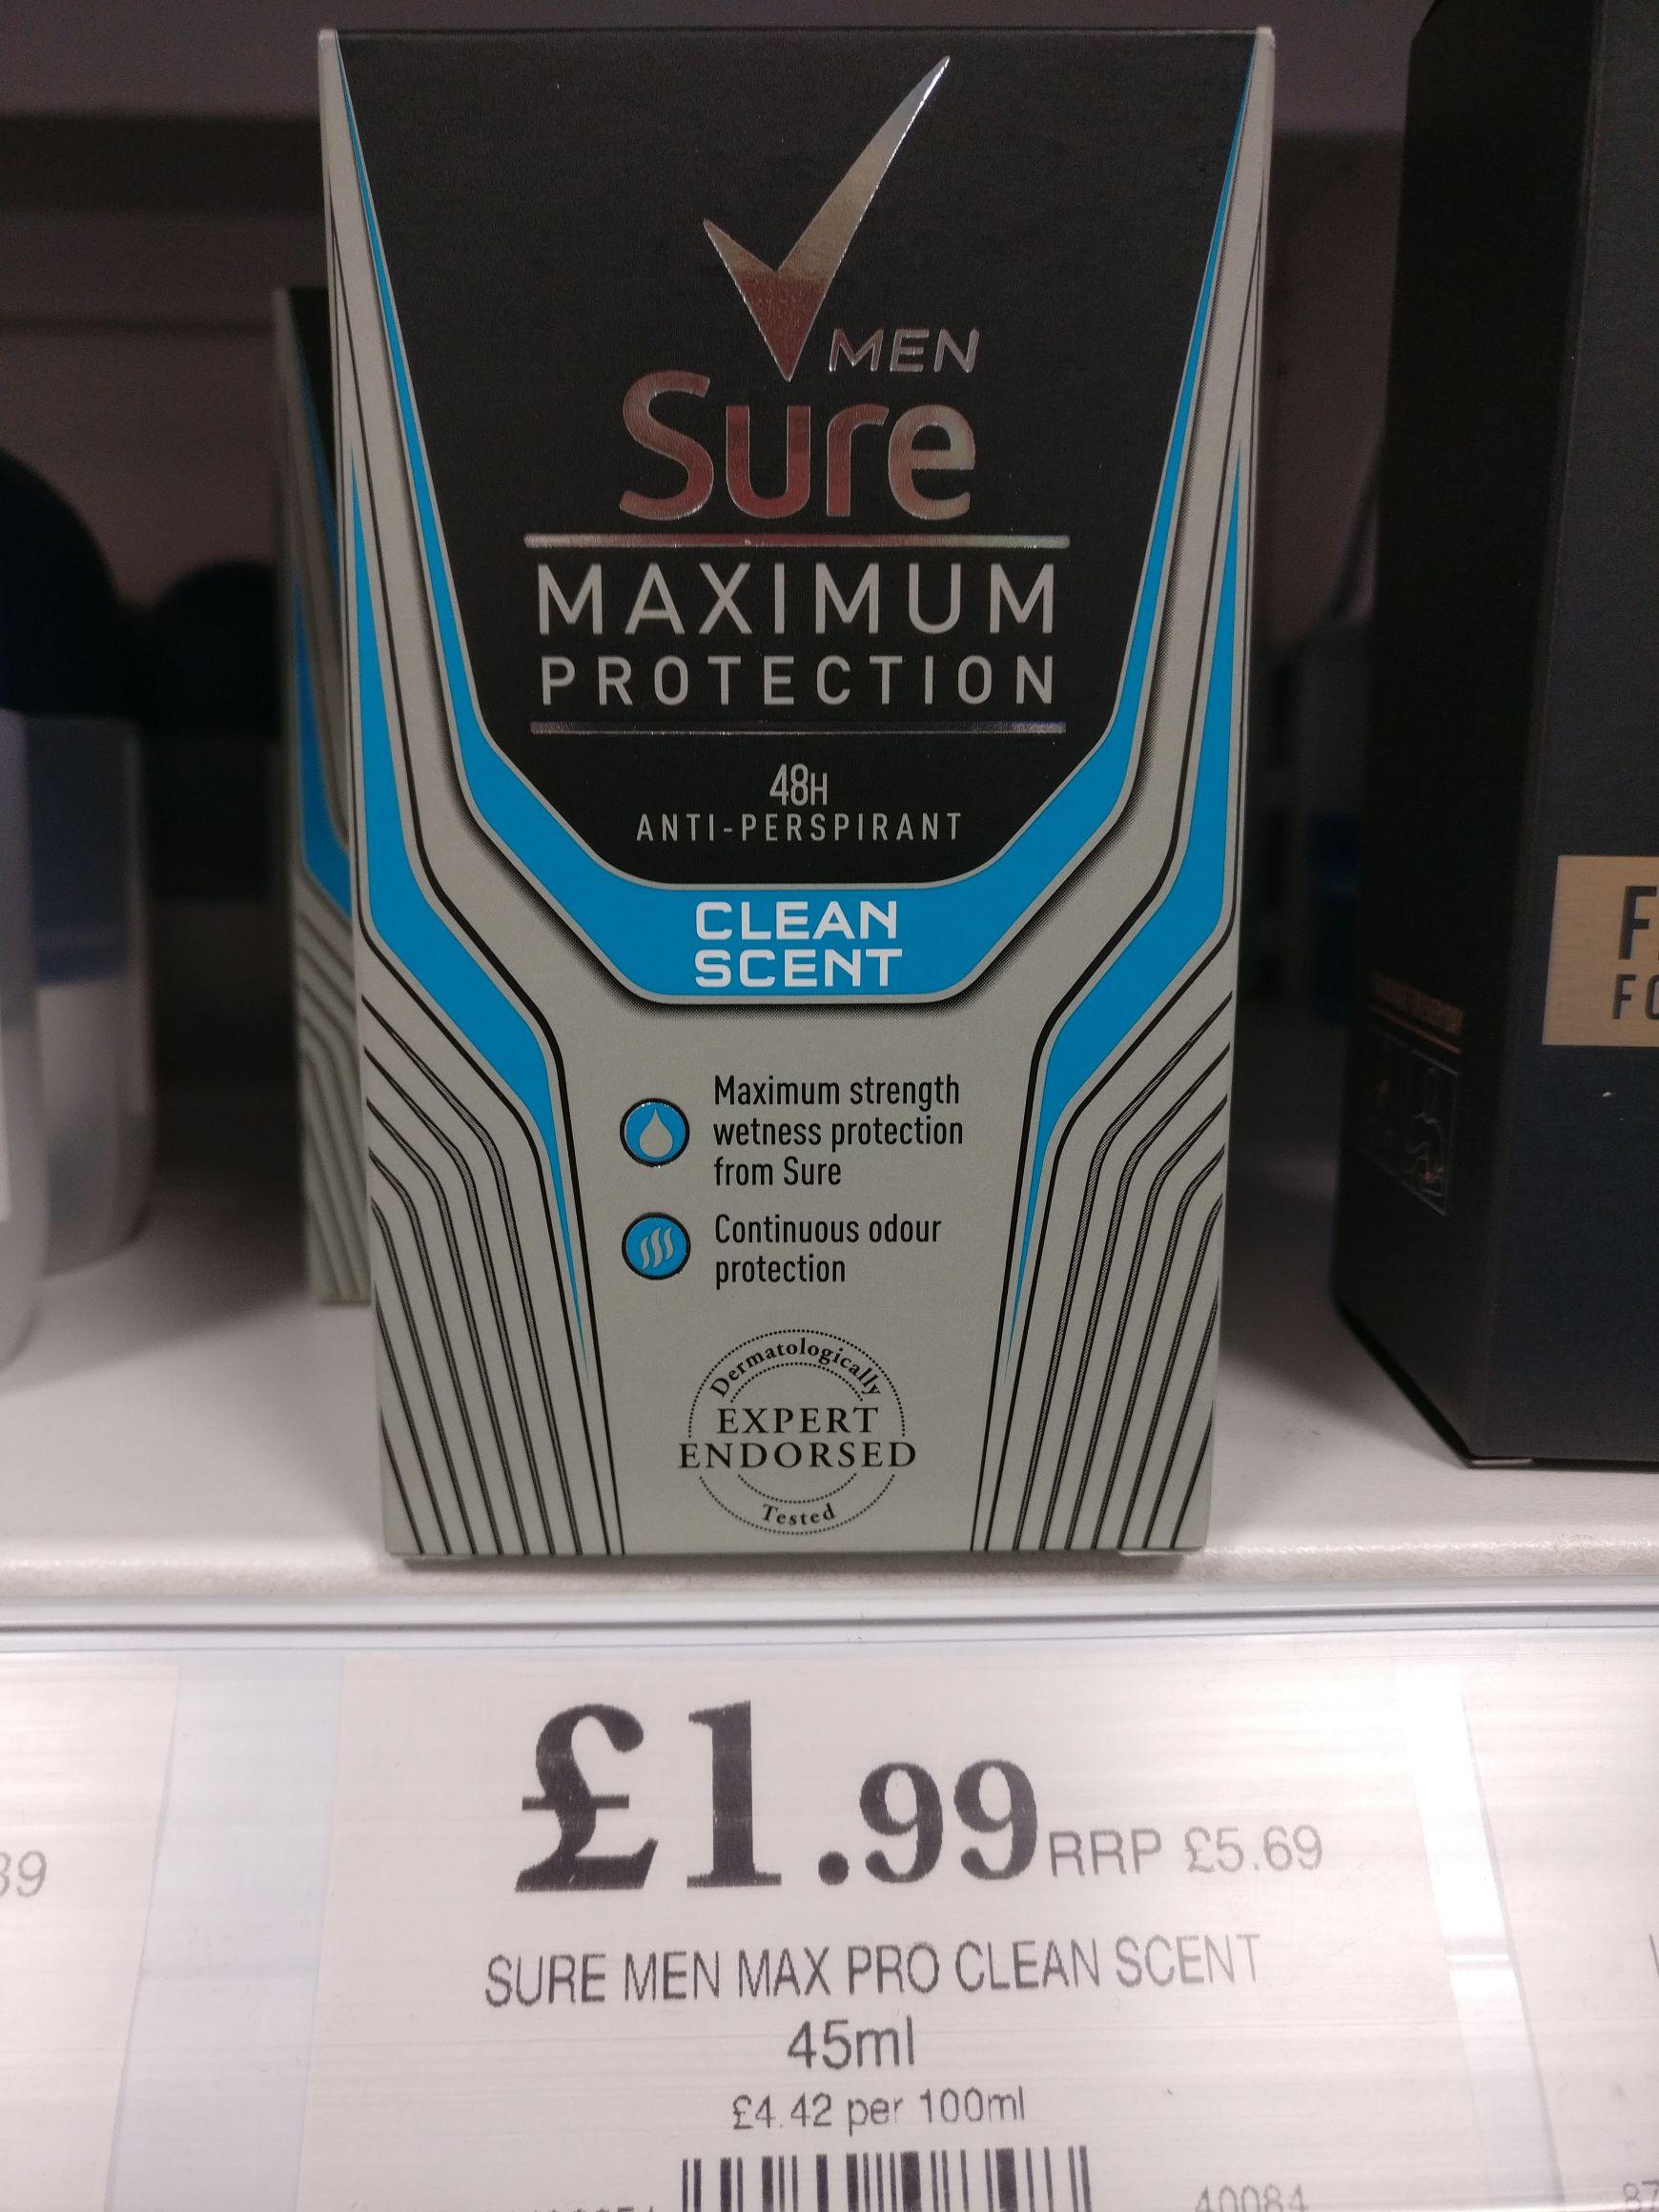 Sure Mens' Maximum Protection Deodorant, Clean Scent, £1.99 @ Home Bargains, Poulton-le-Fylde